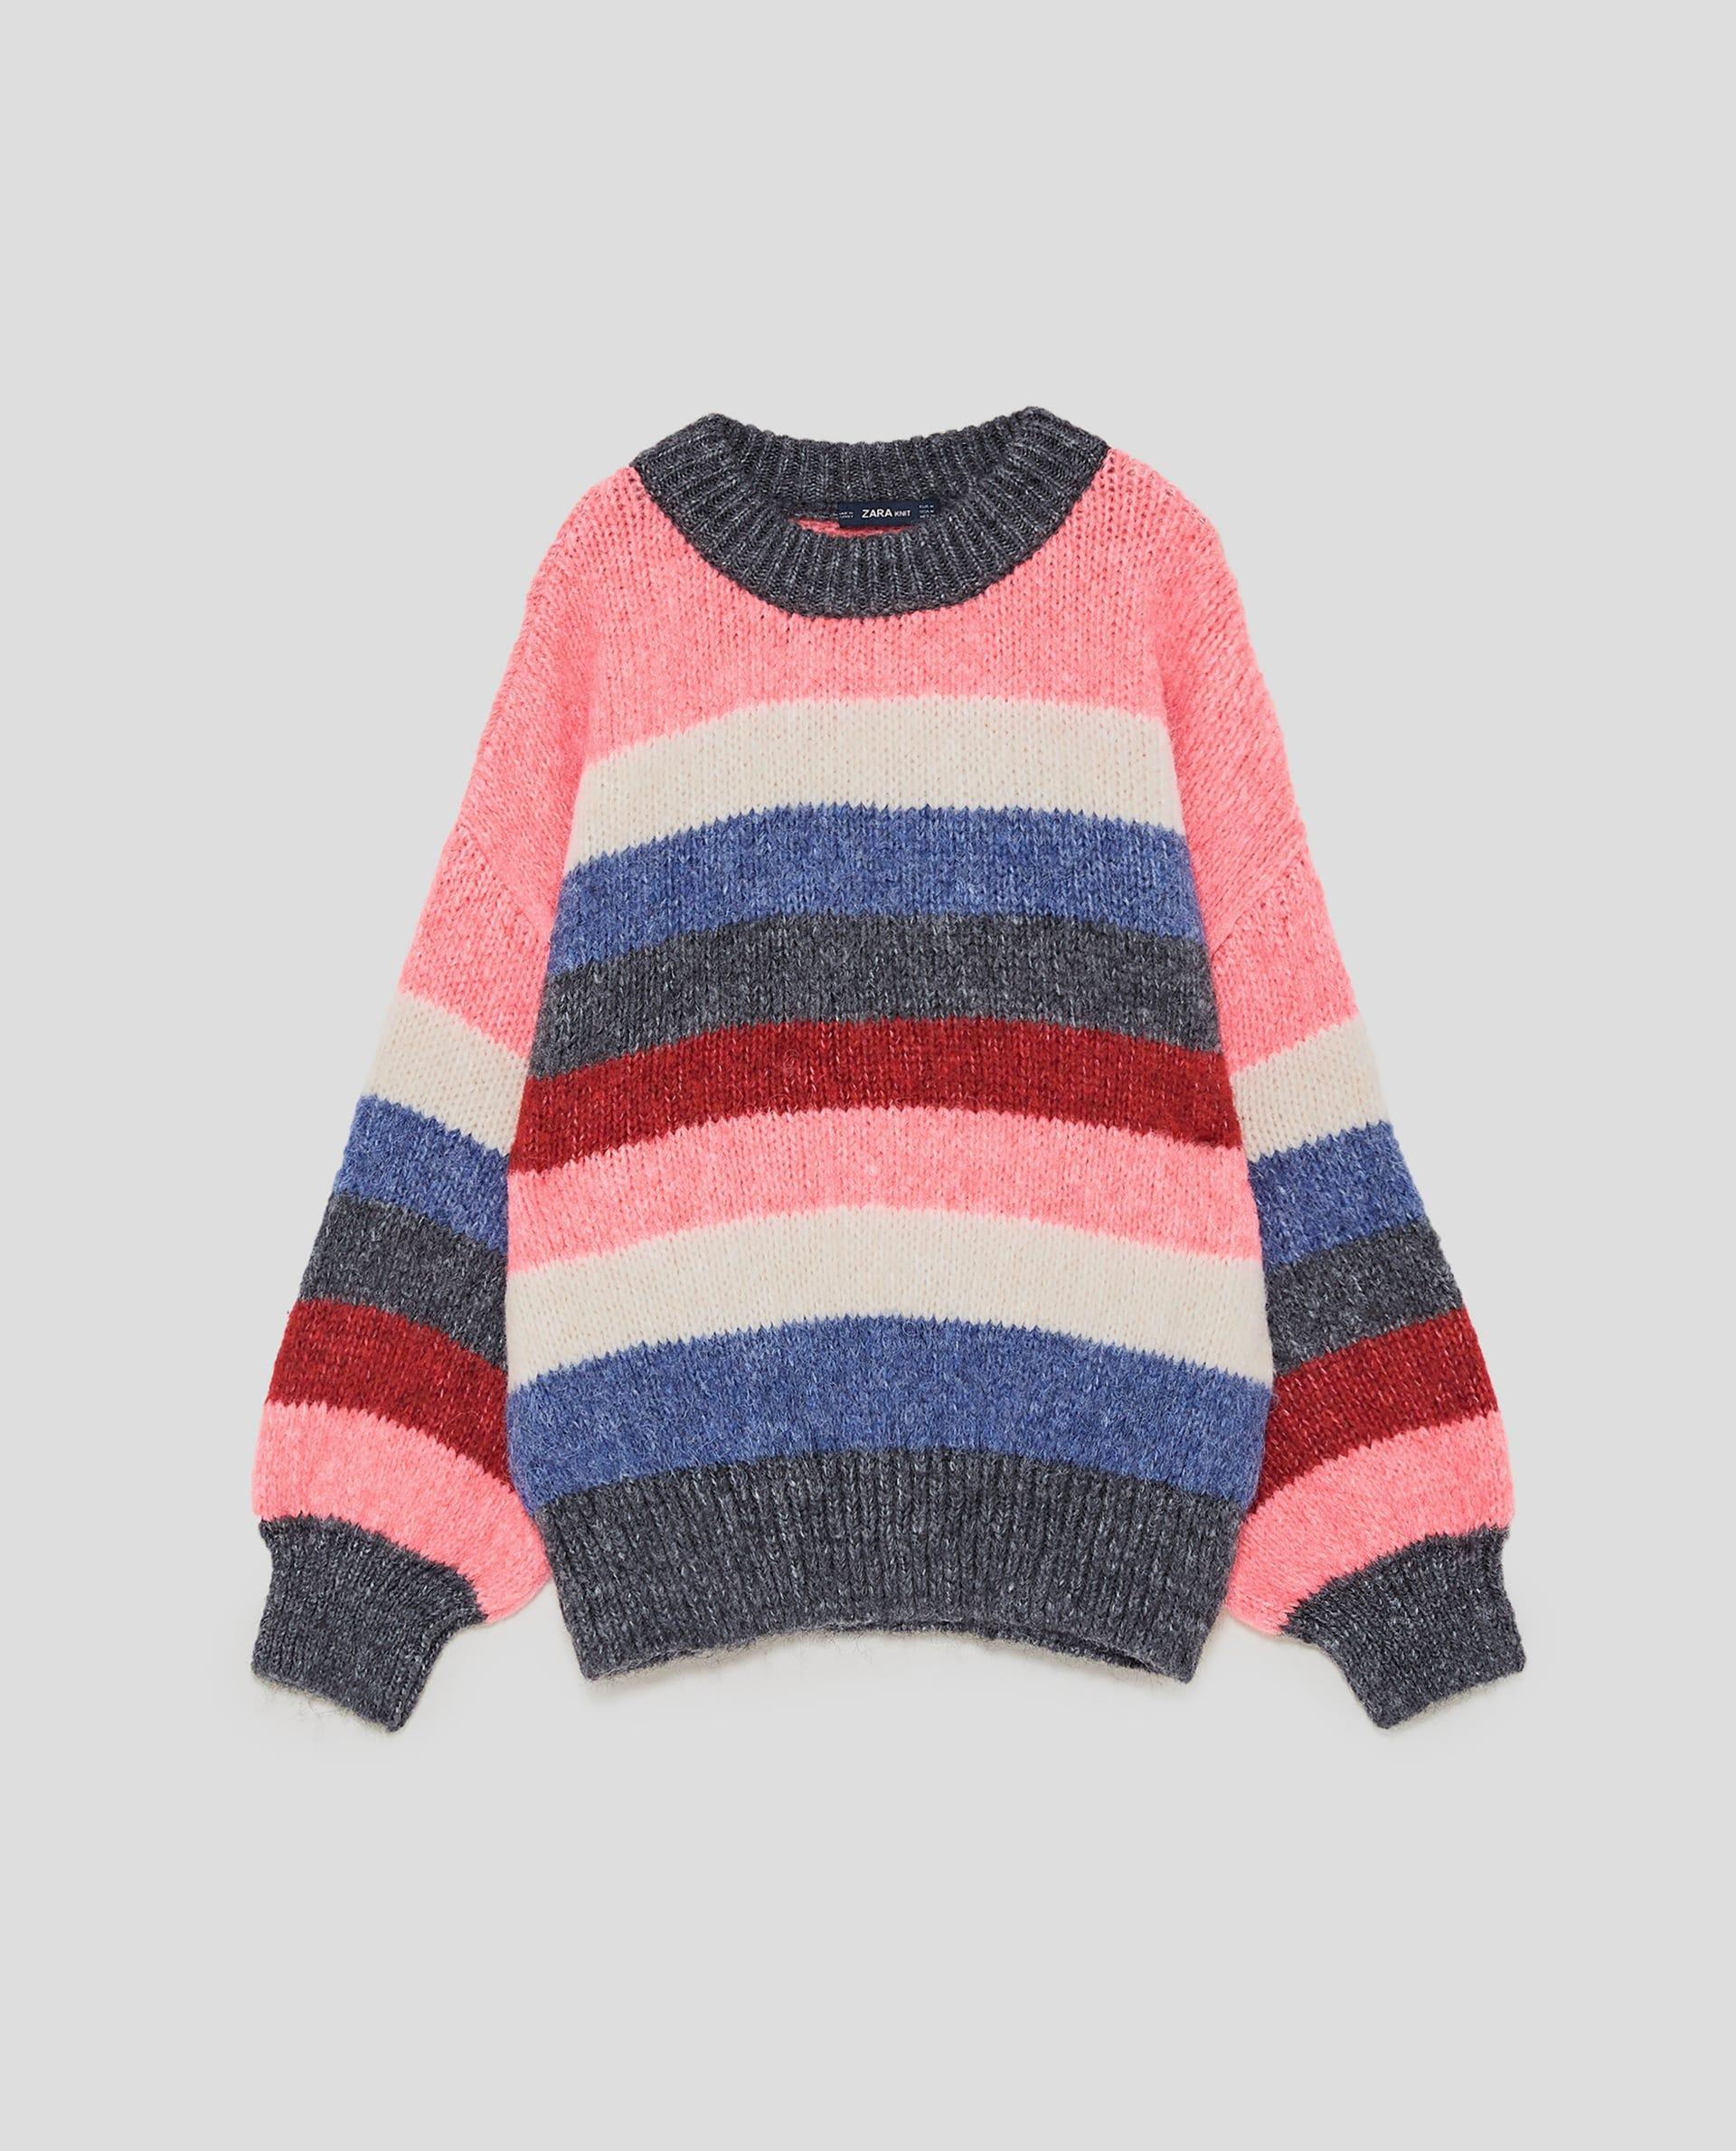 Zara + Multicolored Striped Sweater